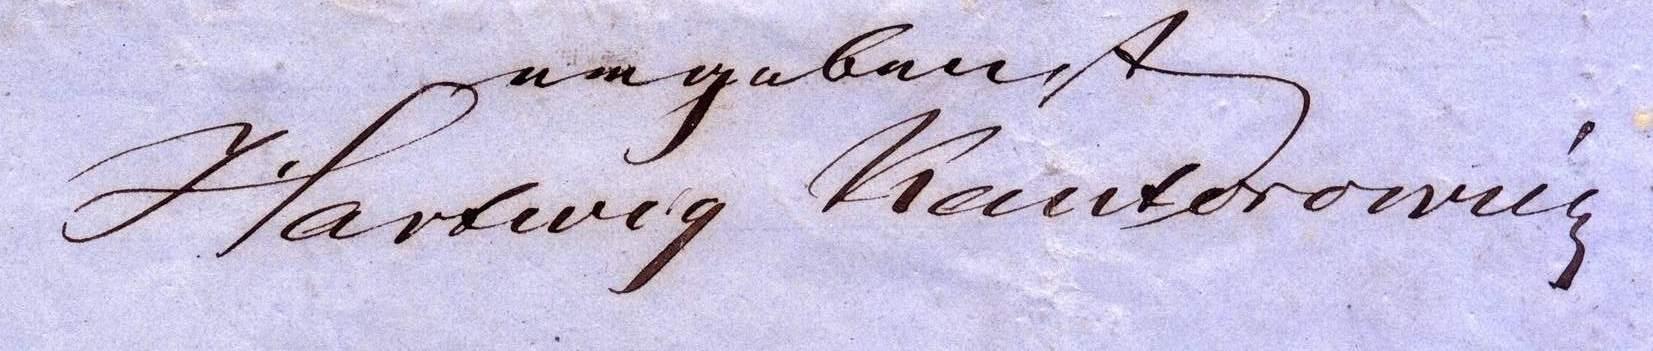 Untersachrift, © Stephan Becker, Brüssow